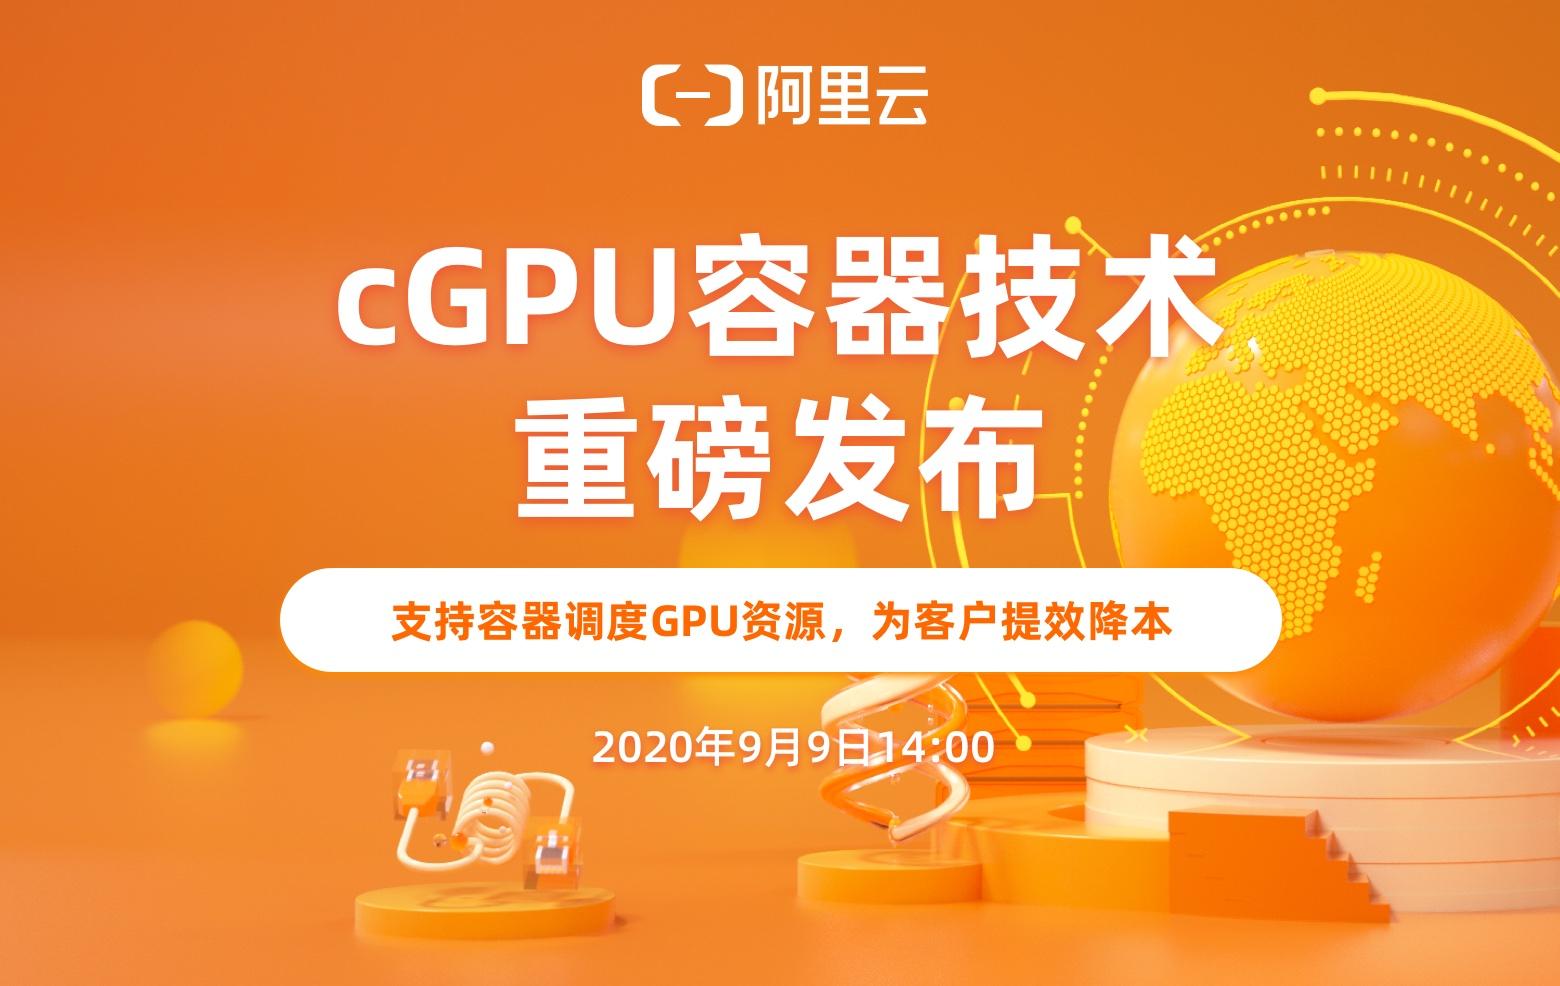 阿里云cGPU容器技术重磅发布